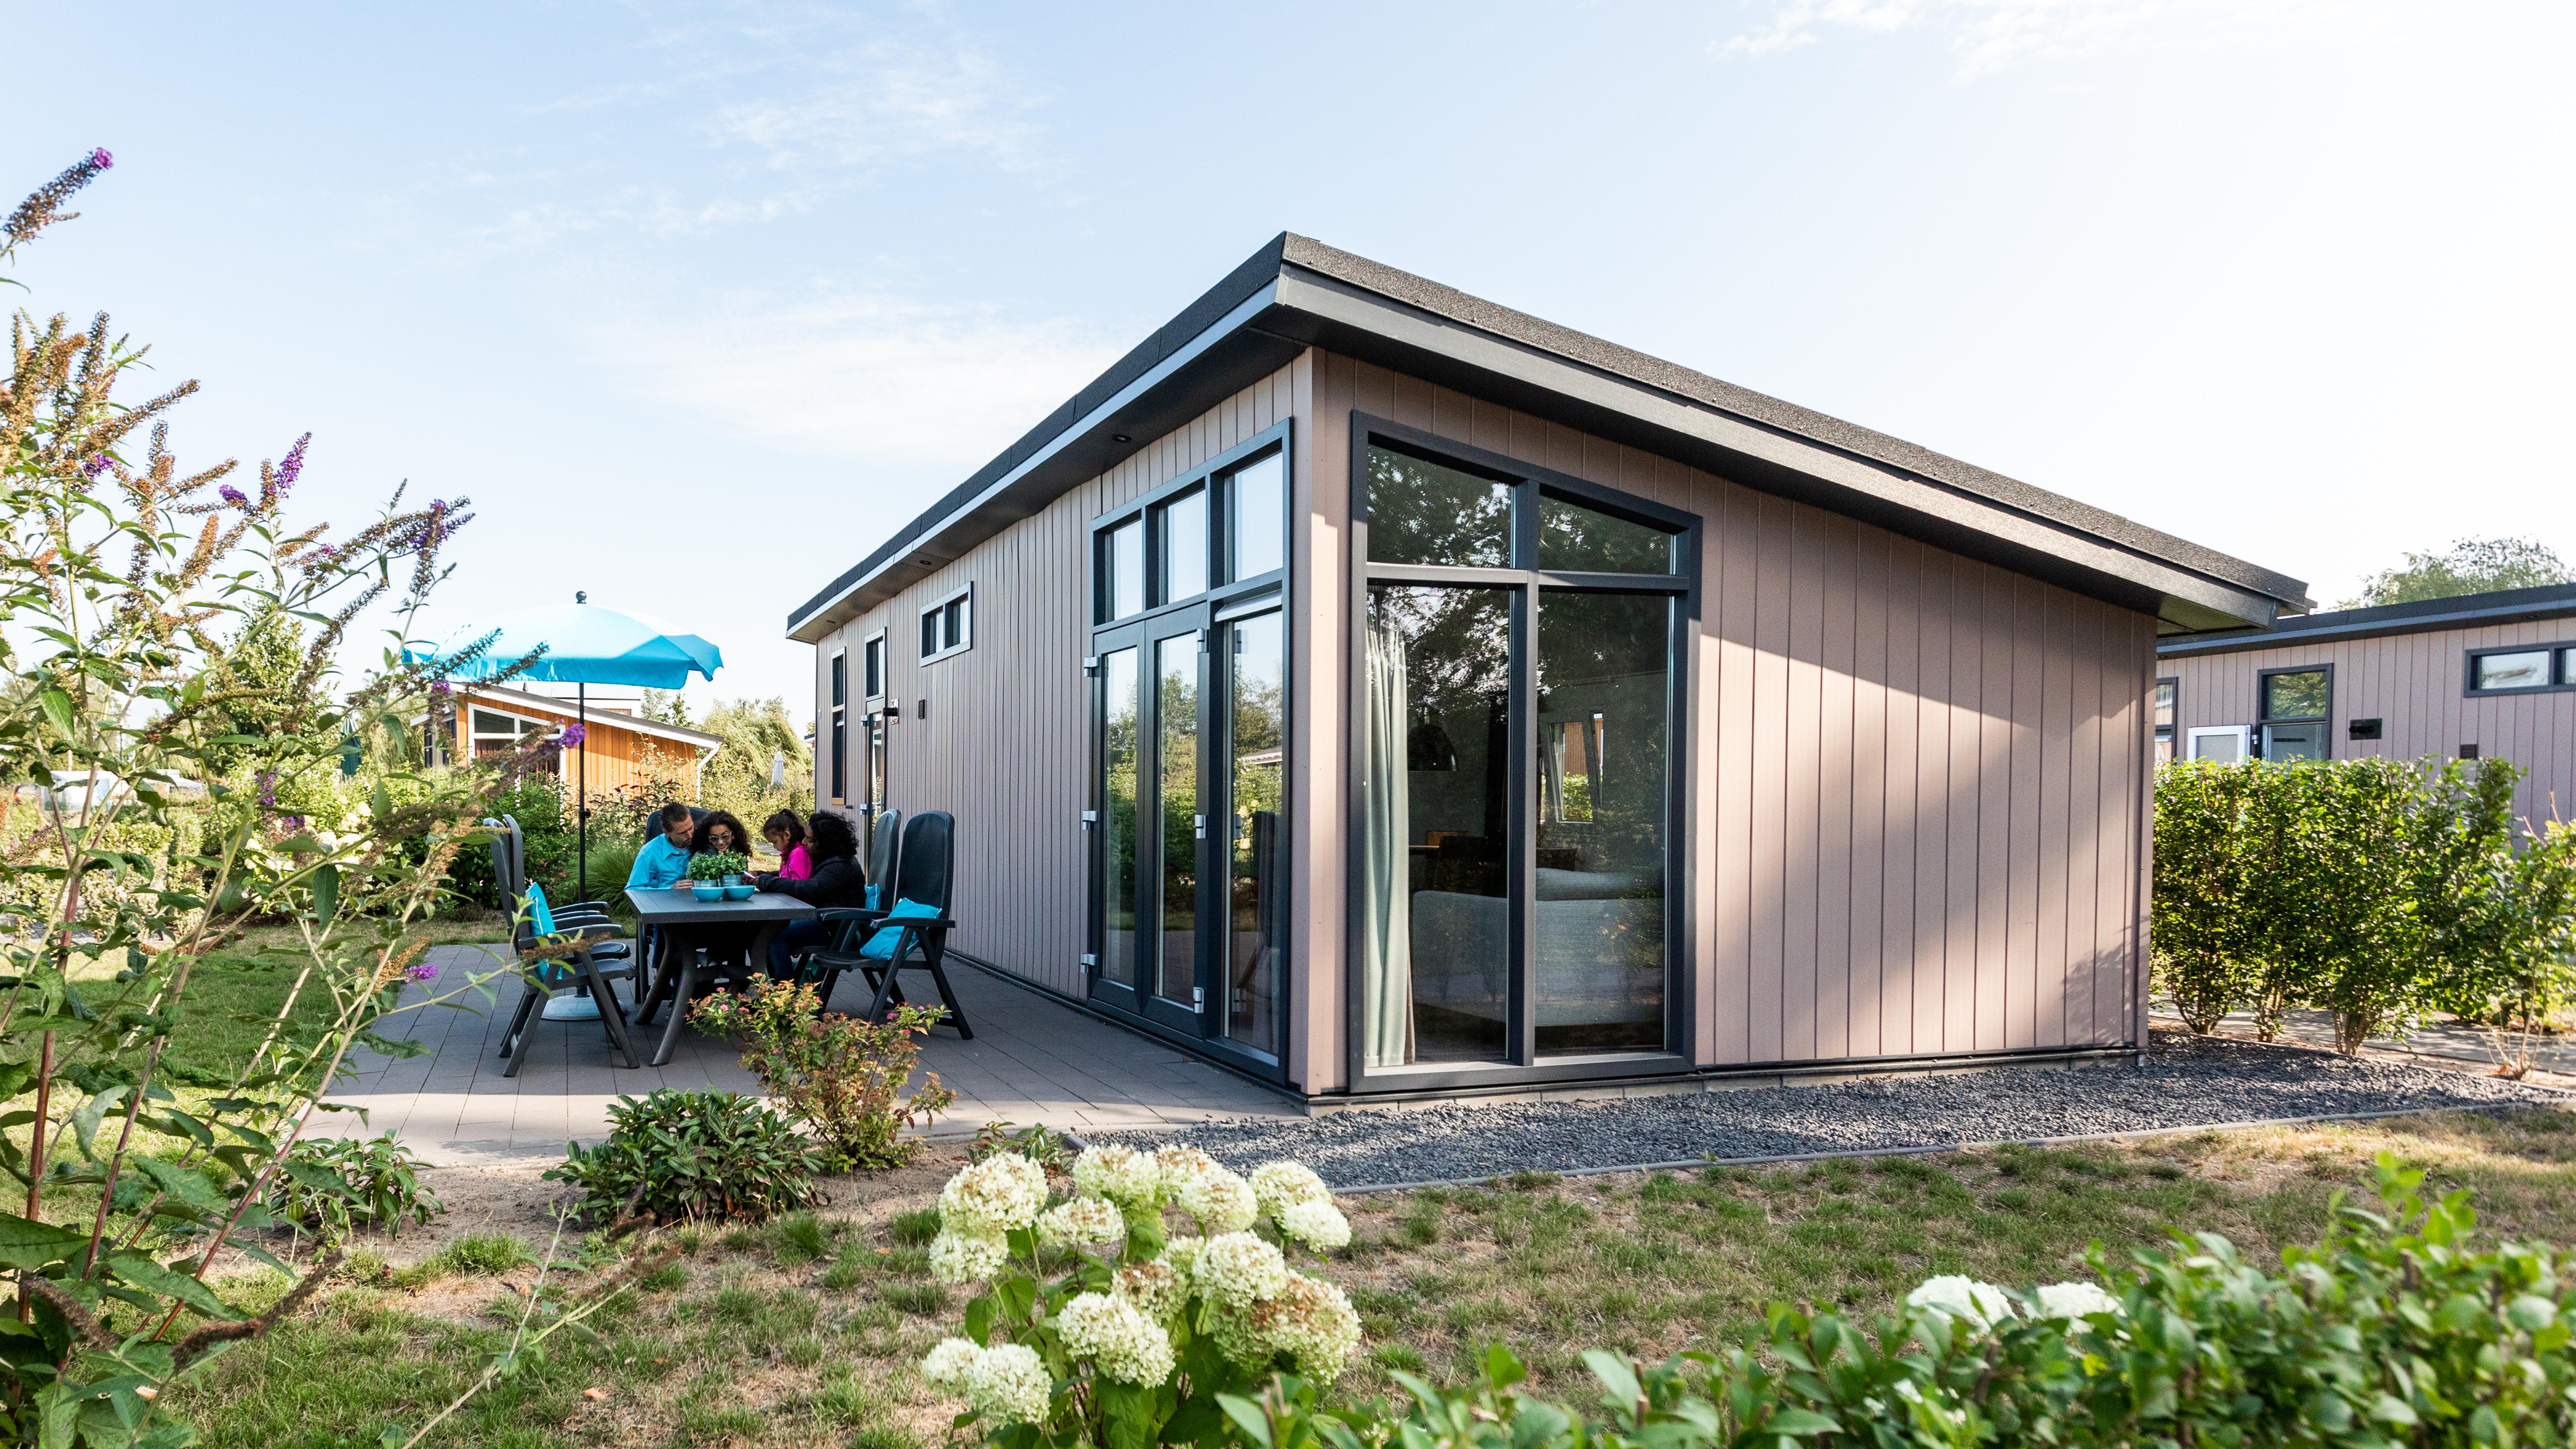 Ferienhaus für 6 Personen ca 45 m² in Lichtenvoorde Gelderland Achterhoek